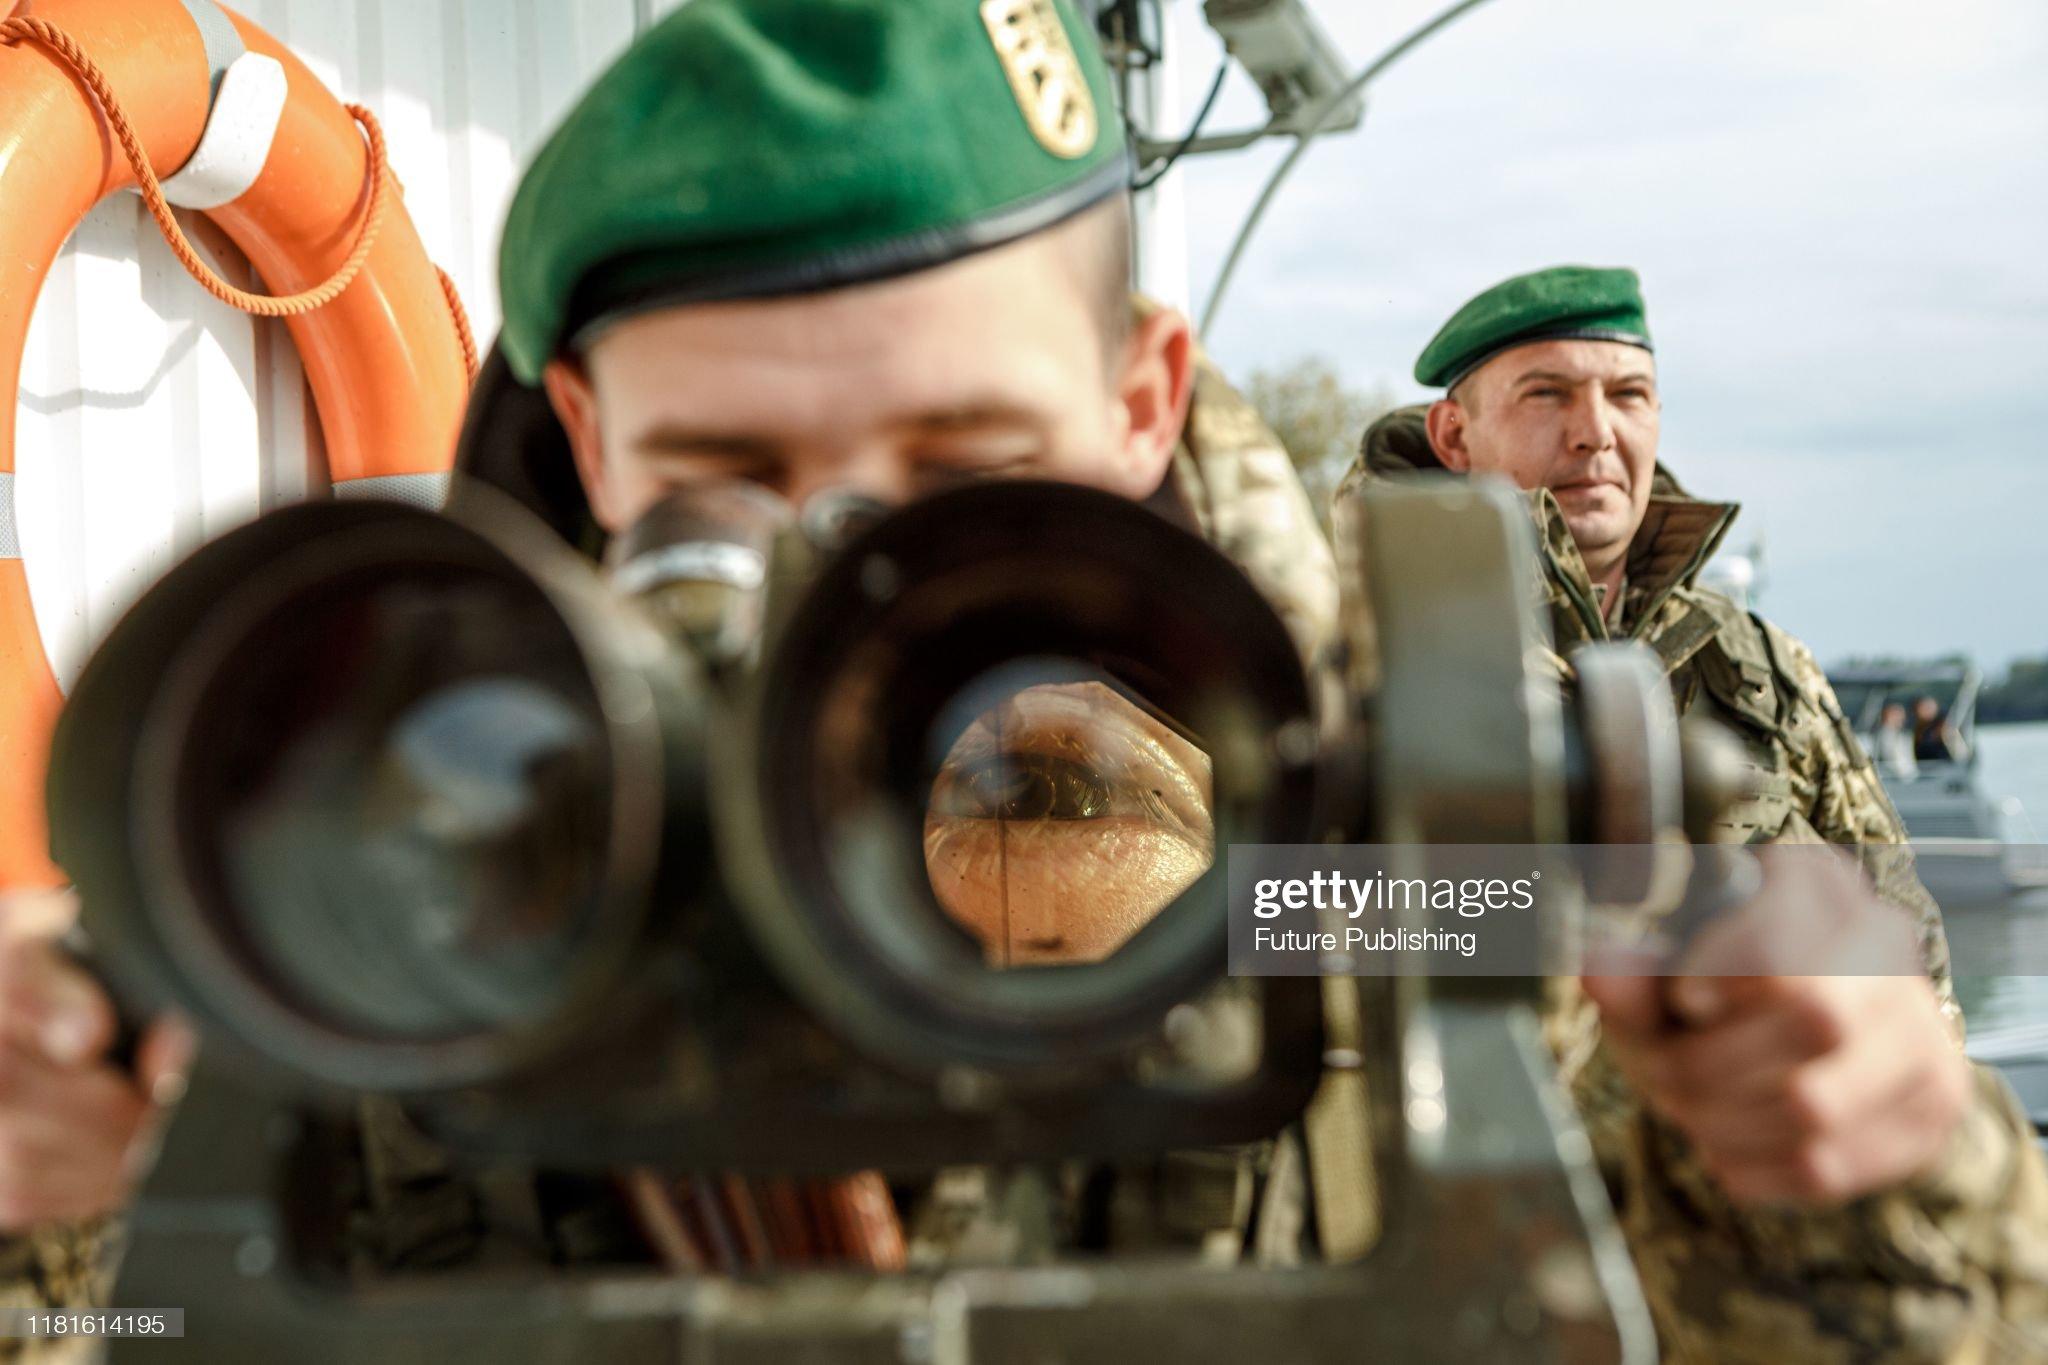 Rusija poslala oštro upozorenje SAD-u: 'Ne šaljite ratne brodove blizu Krima - za vaše dobro' Border-guard-of-ismail-detachment-looks-into-the-binocular-while-picture-id1181614195?s=2048x2048